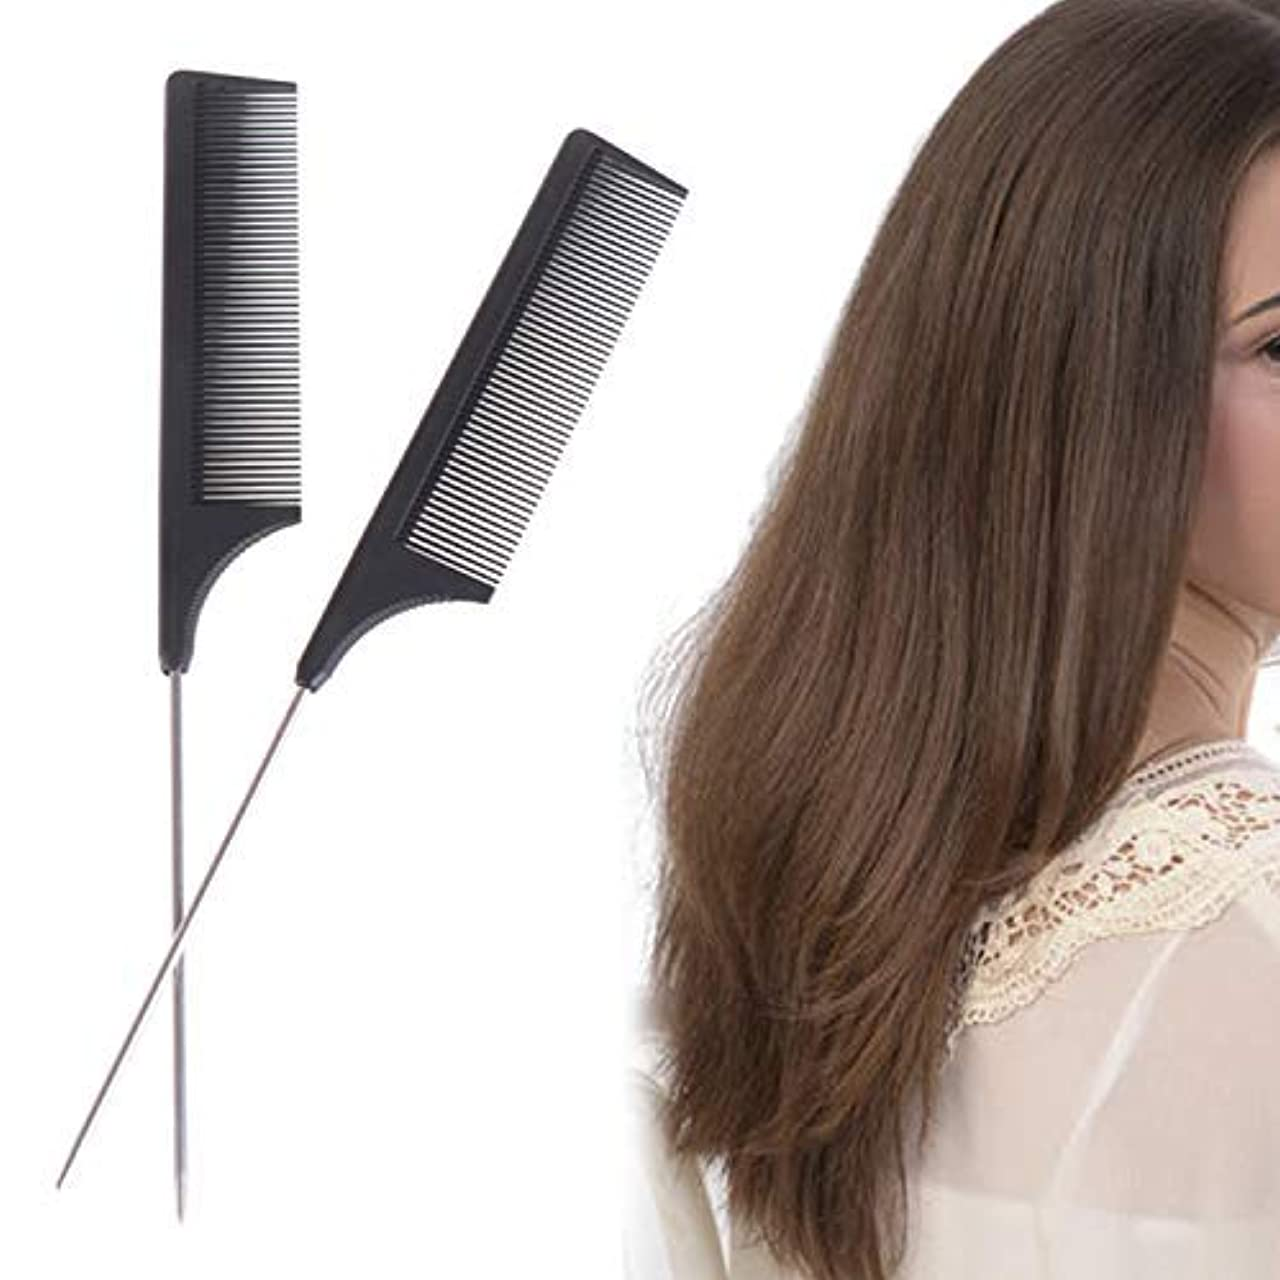 引き渡す原子炉目的2 Pieces Comb Black Tail Styling Comb Chemical Heat Resistant Teasing Comb Carbon Fiber Hair Styling Combs for...